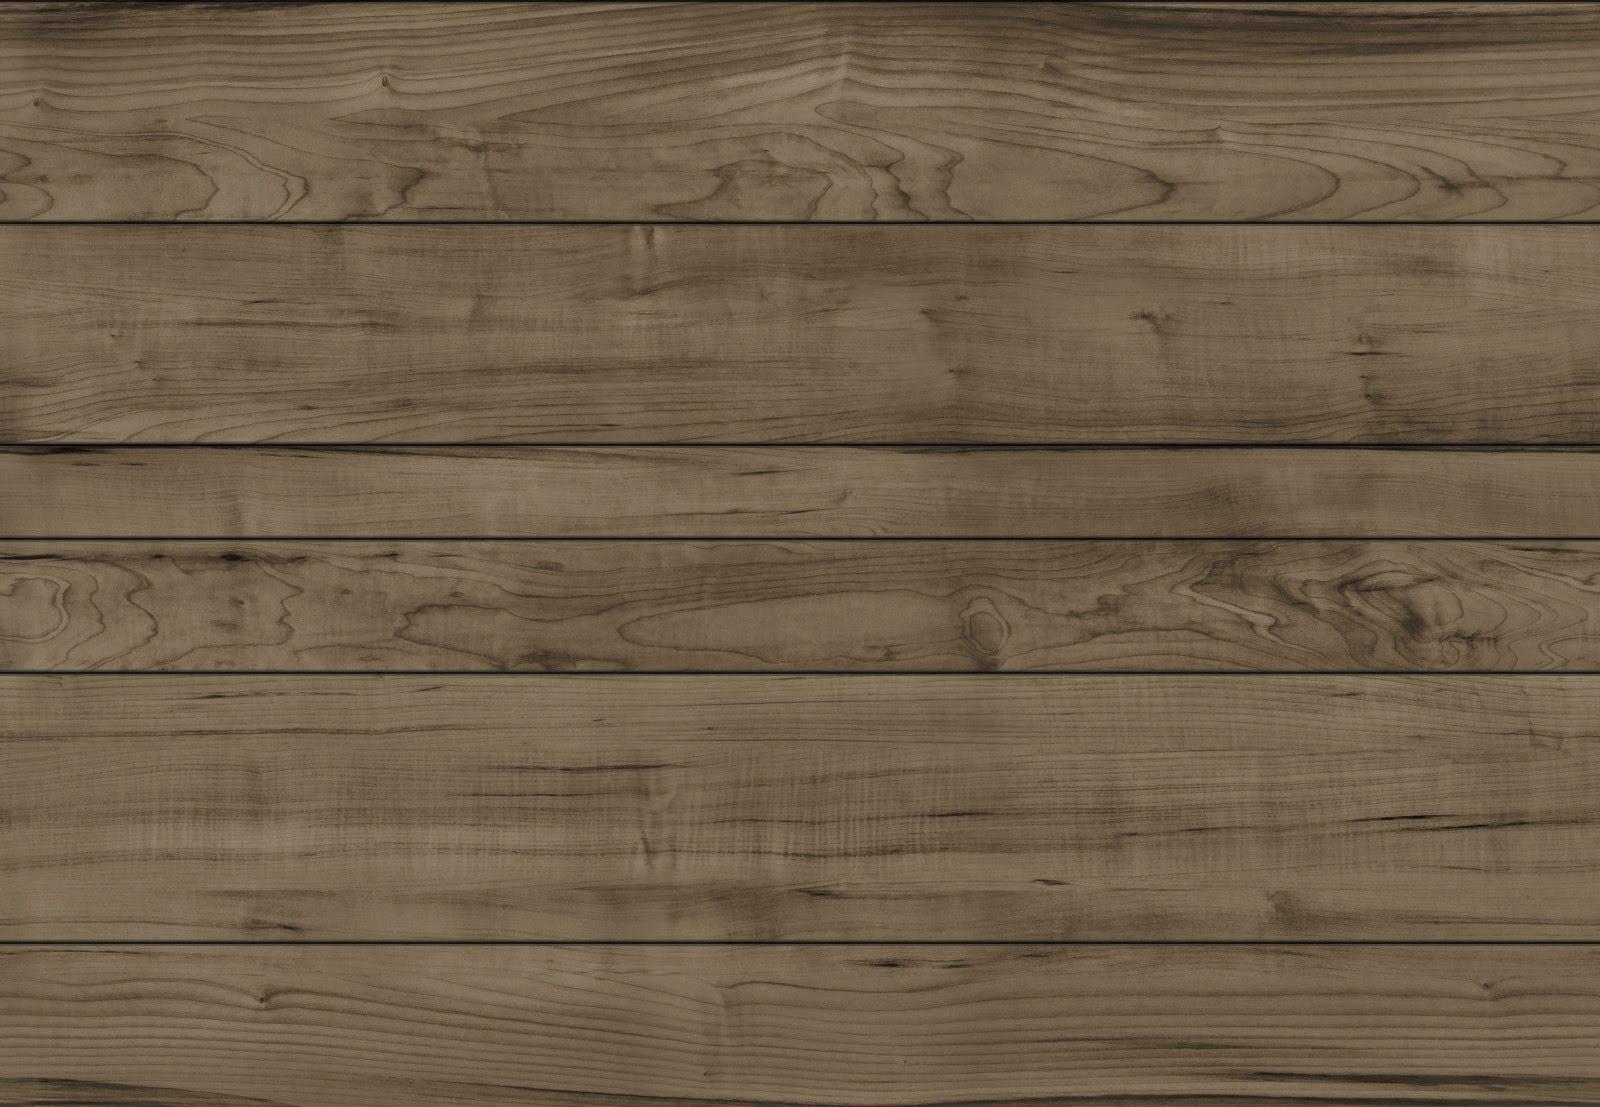 Tutoriais Sketchup: Texturas de madeiras #604F3C 1600x1107